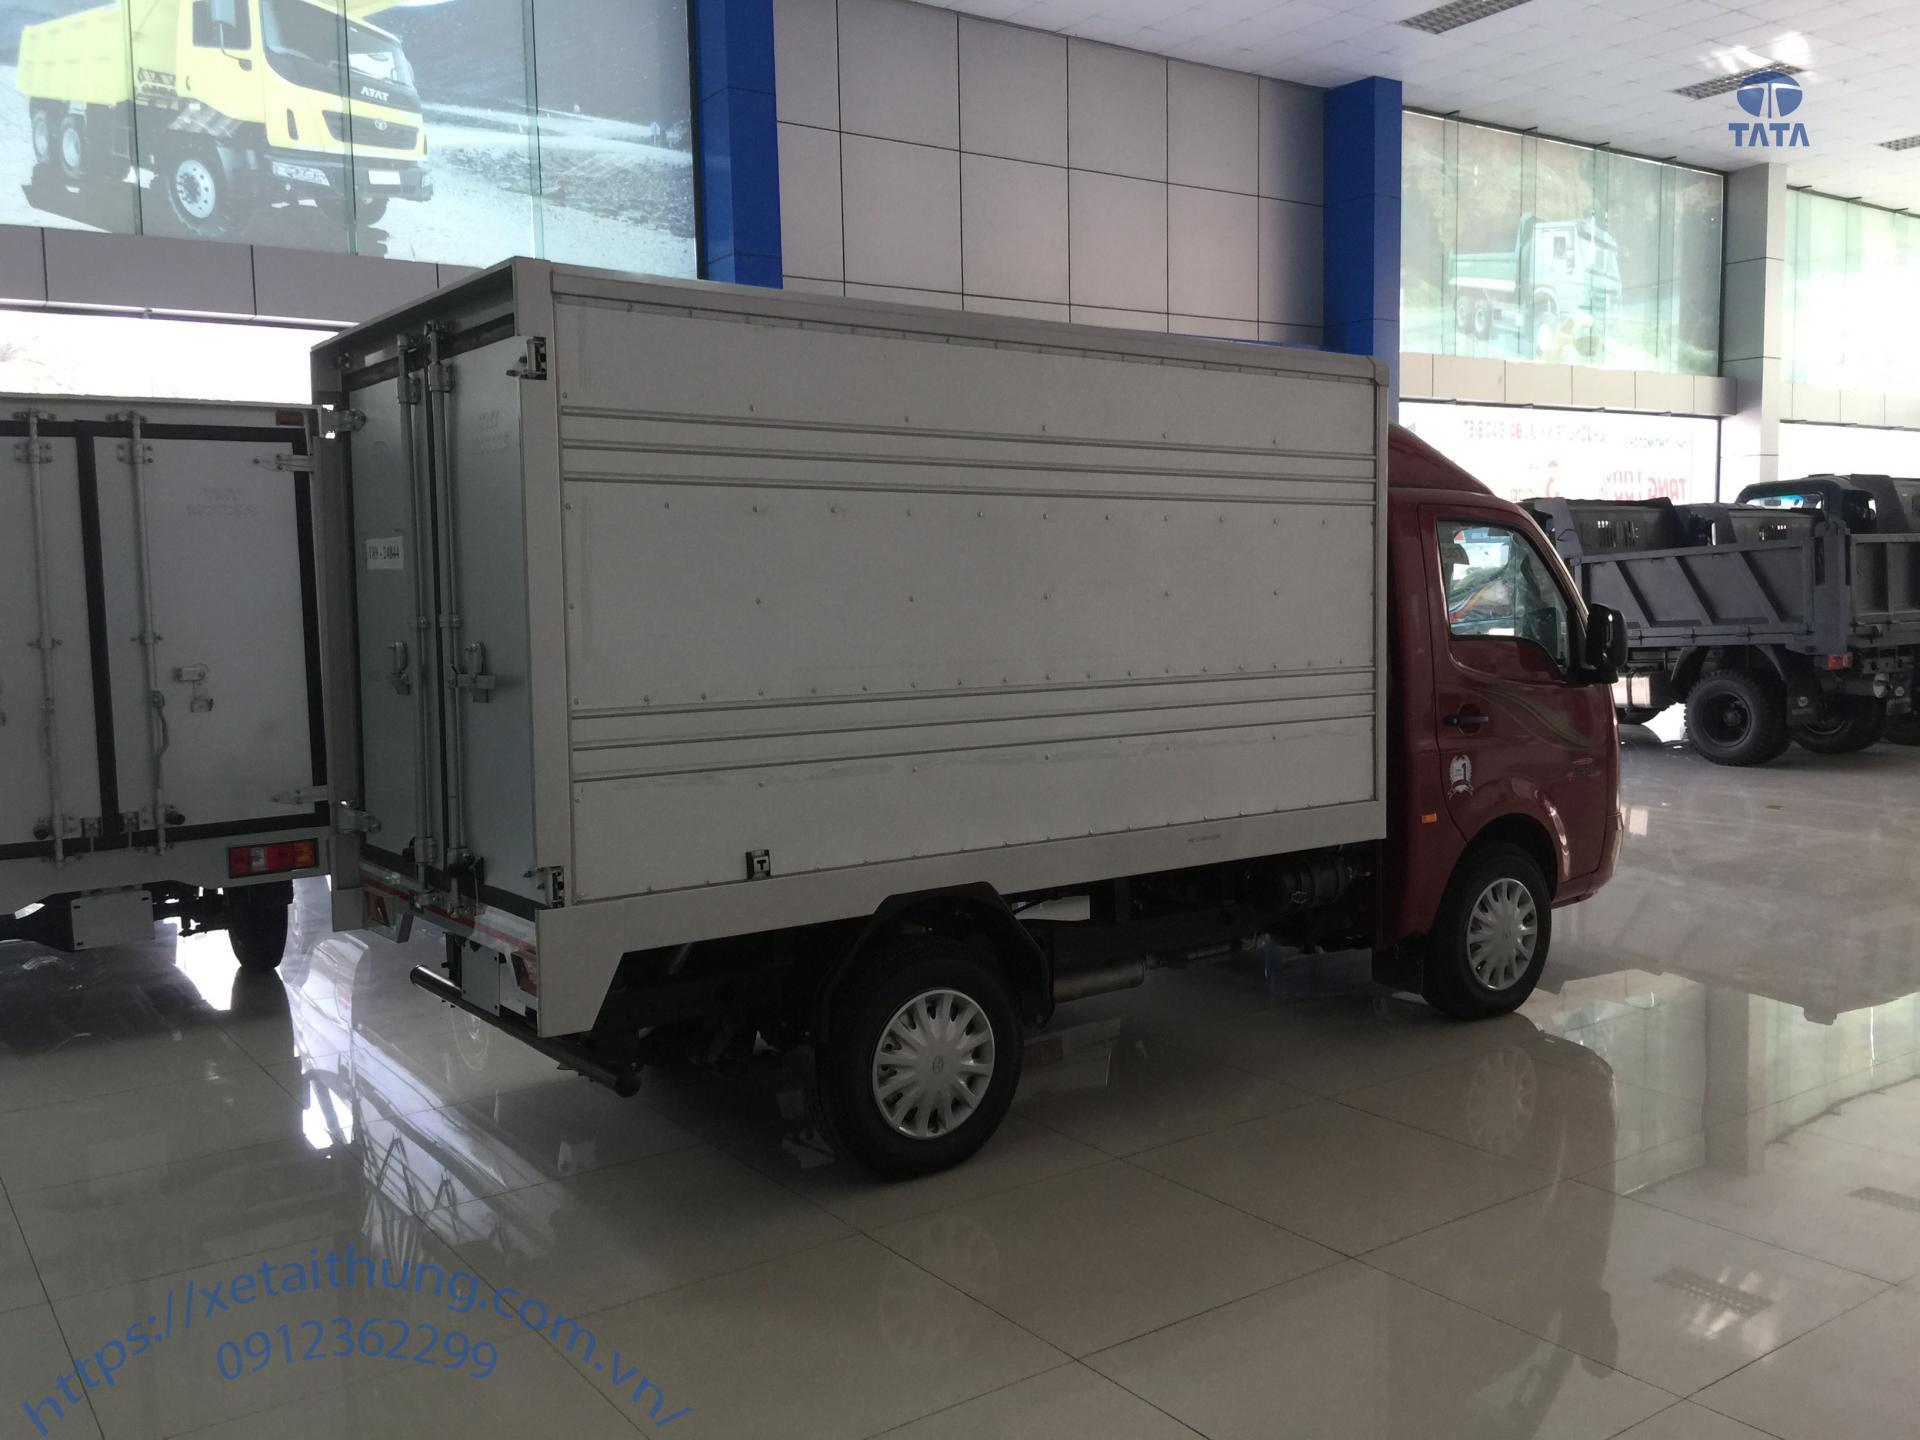 xe tải 1 tấn tata thùng kín 2